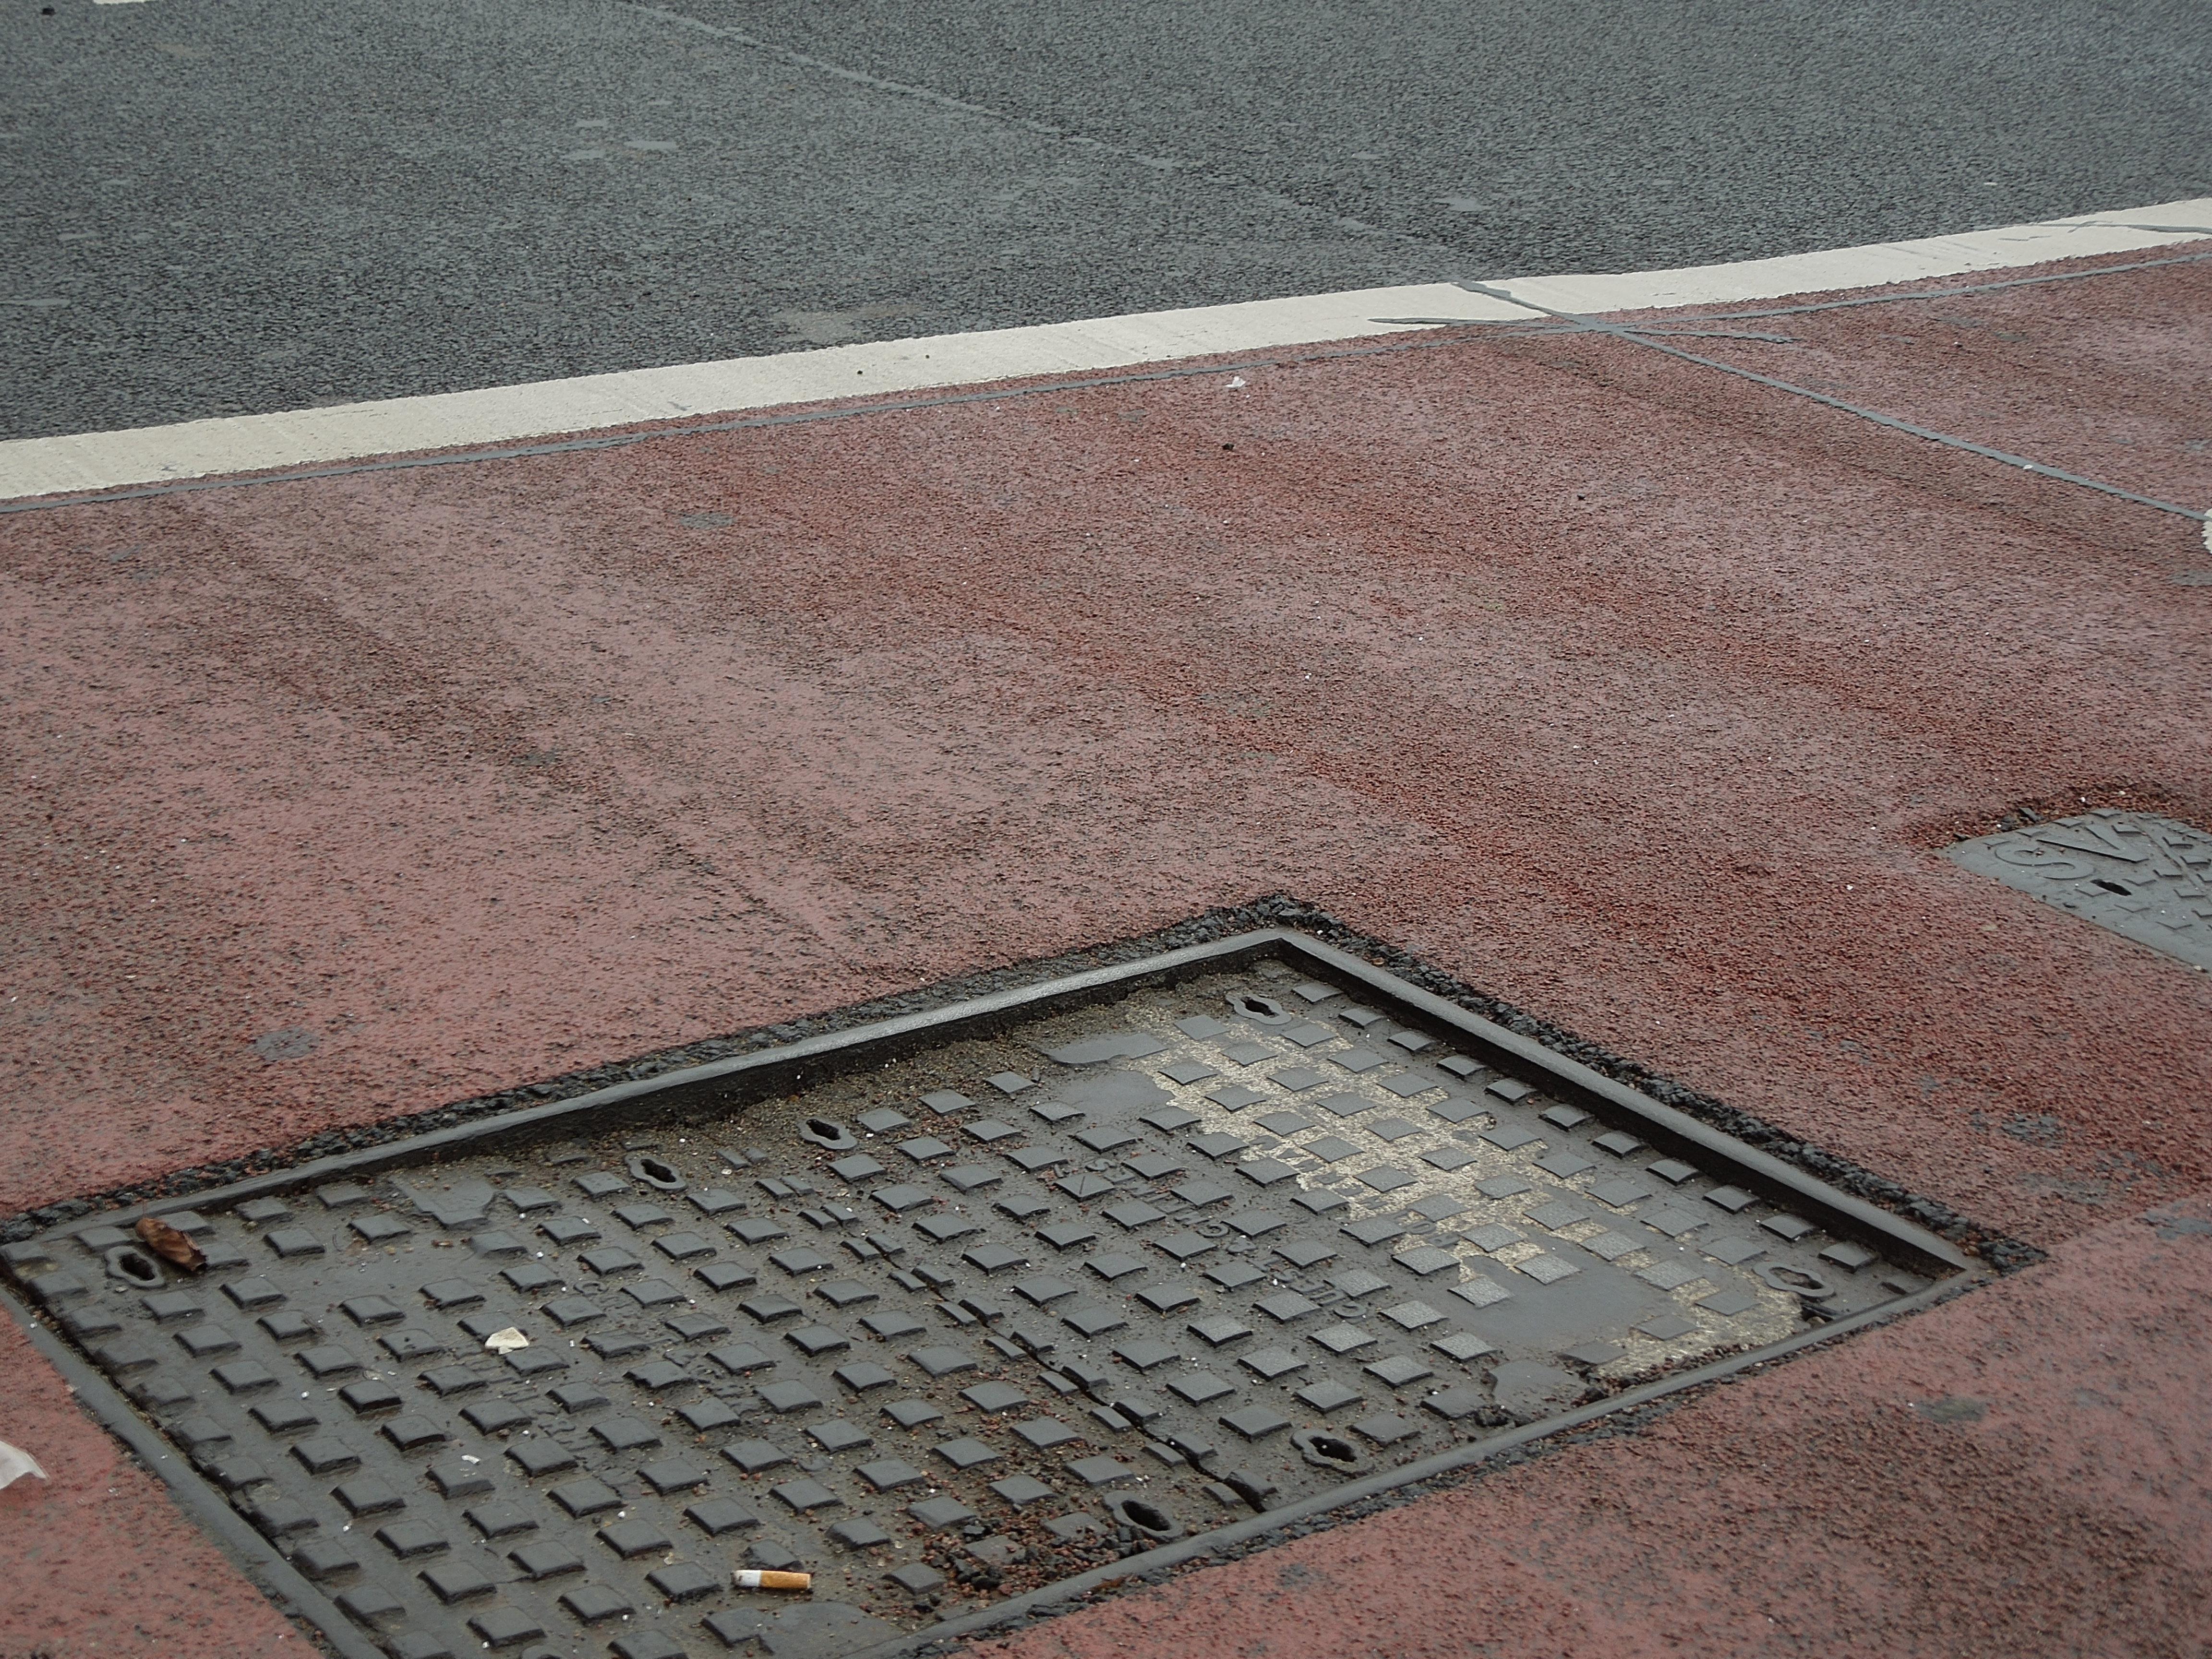 Sunken manhole cover